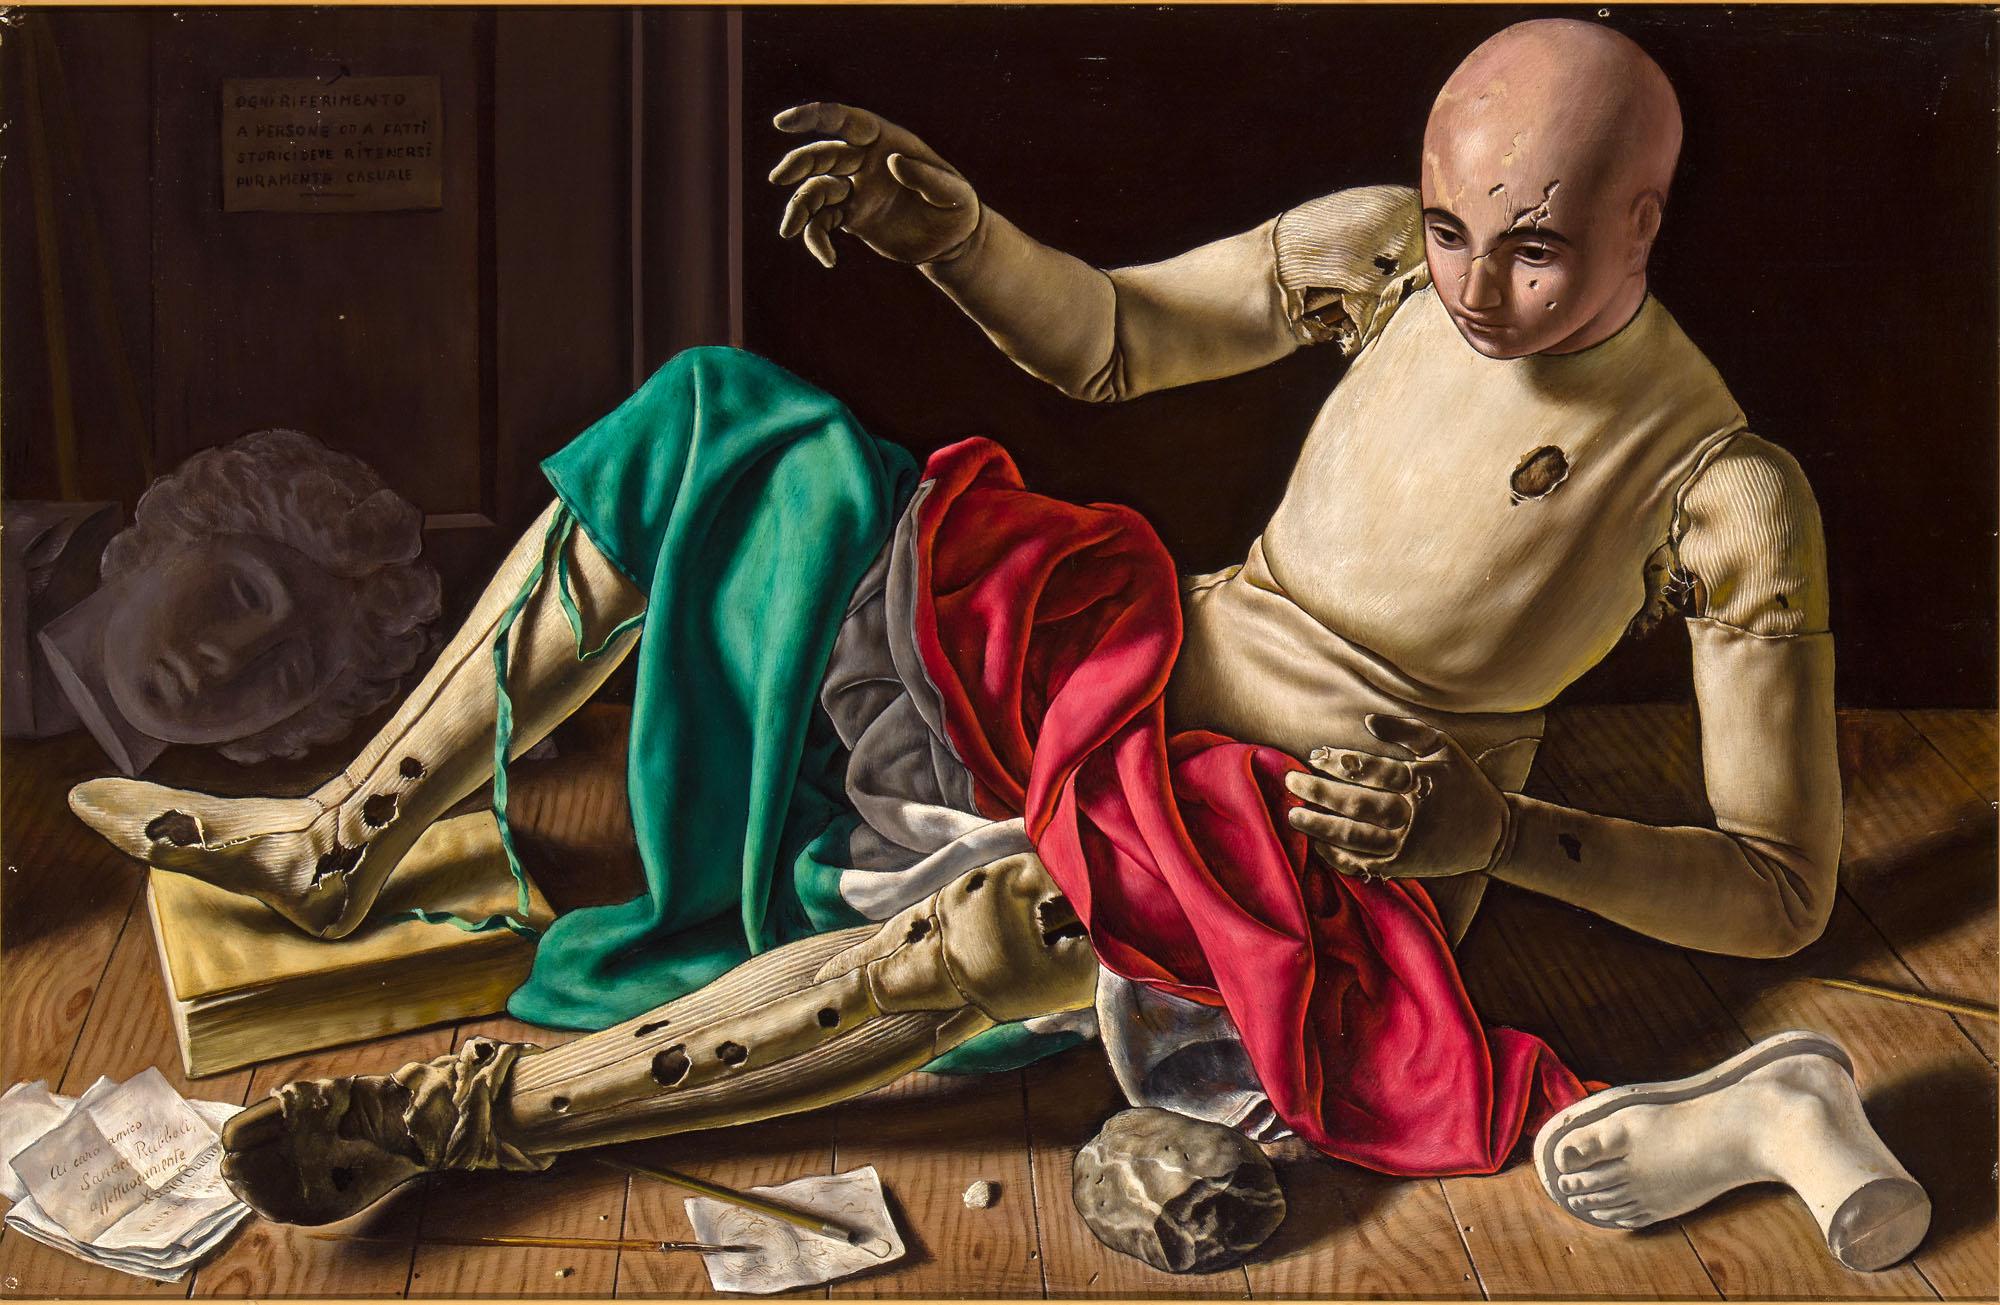 Bueno Xavier 1948 - Manichino collection Sandro Rubelli.